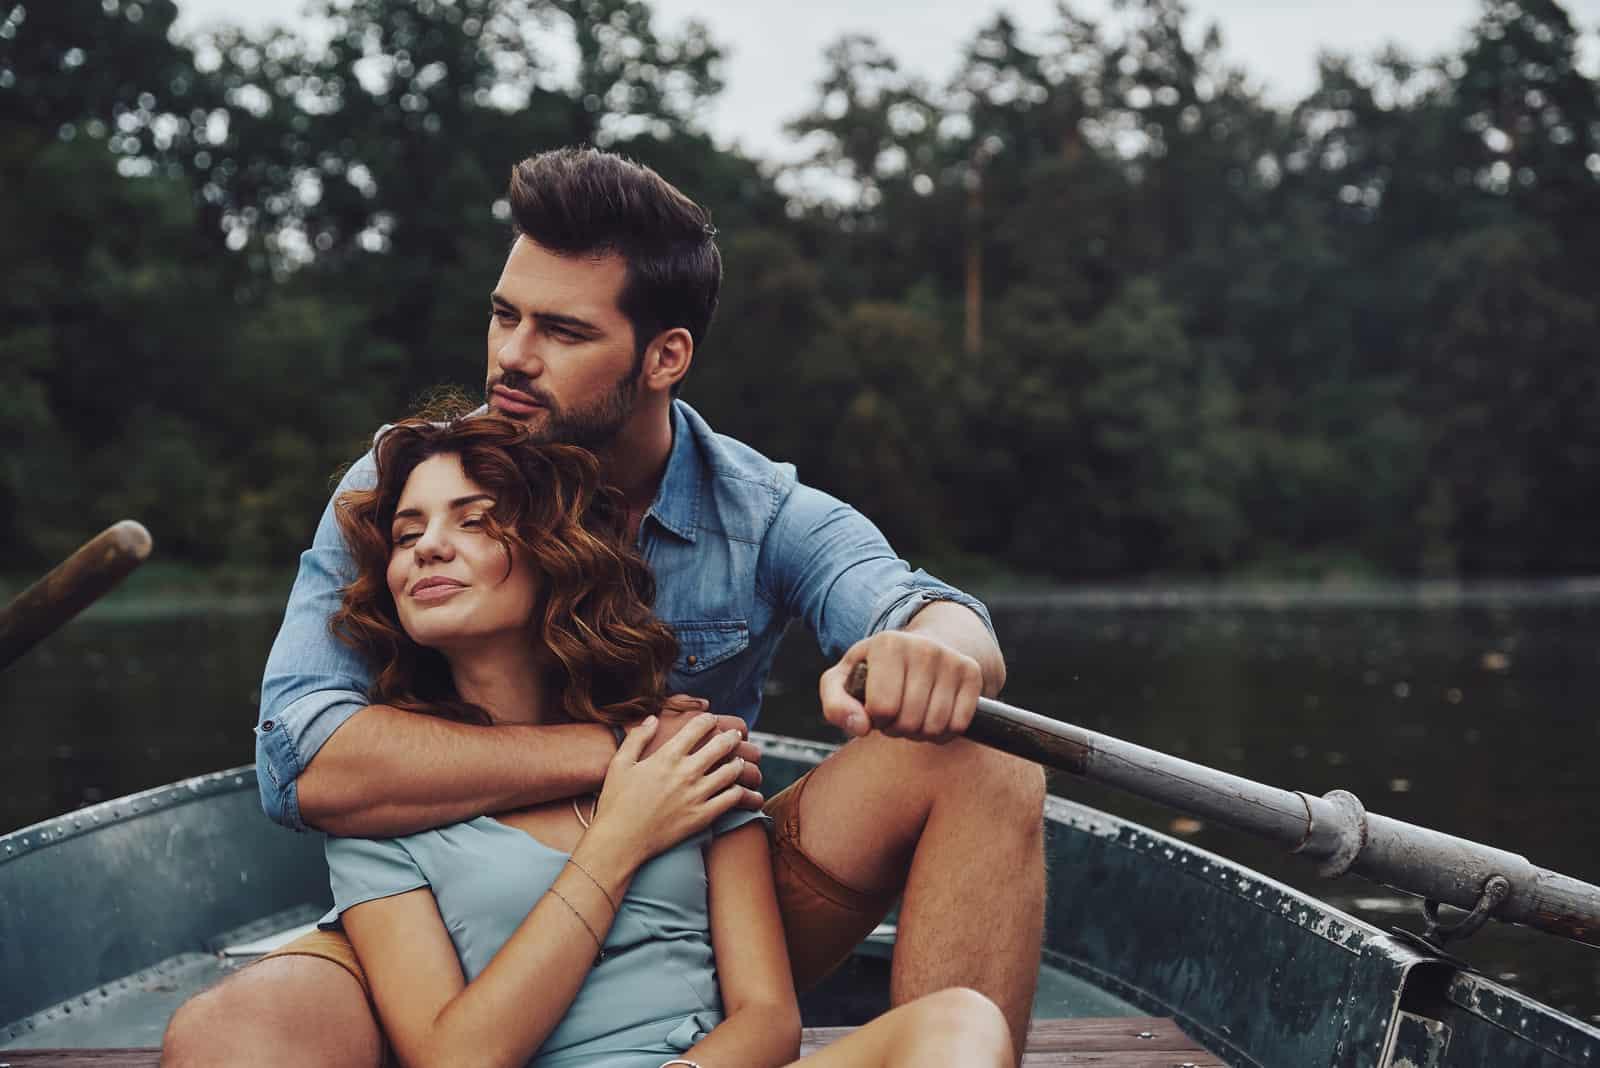 un homme et une femme s'embrassant alors qu'ils montent dans un bateau